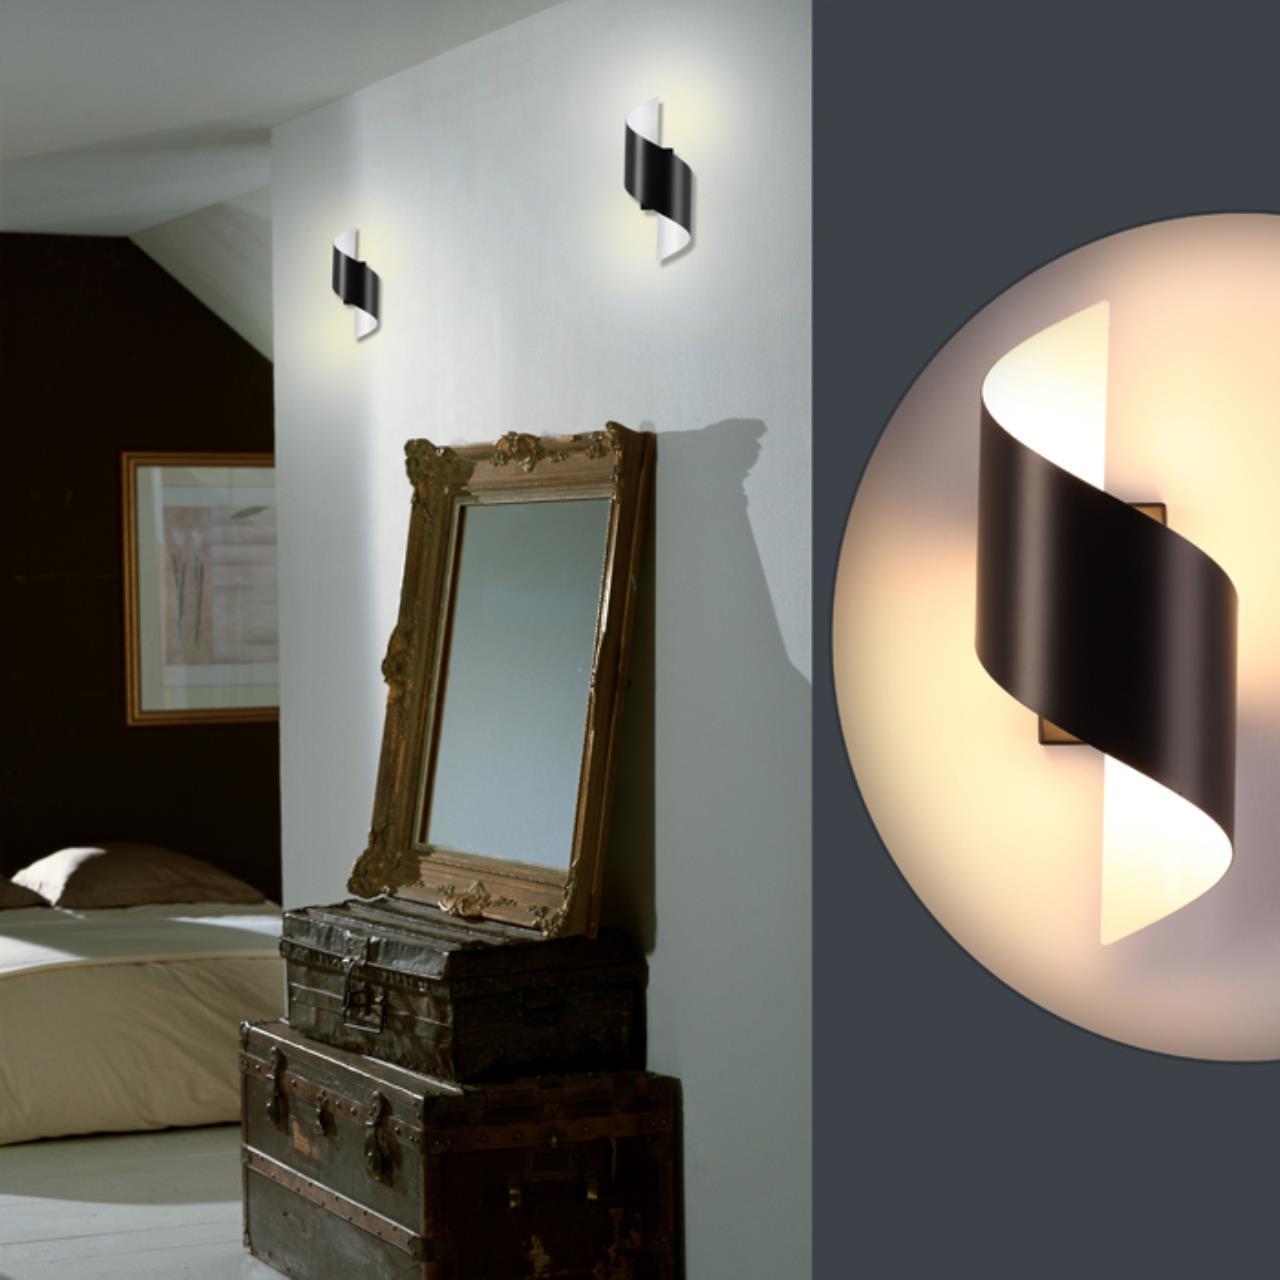 Настенный светодиодный светильник Odeon Light Hightech Boccolo 3542/5LW, LED 5W 3000K 500lm, черный, черный с белым, металл - фото 3